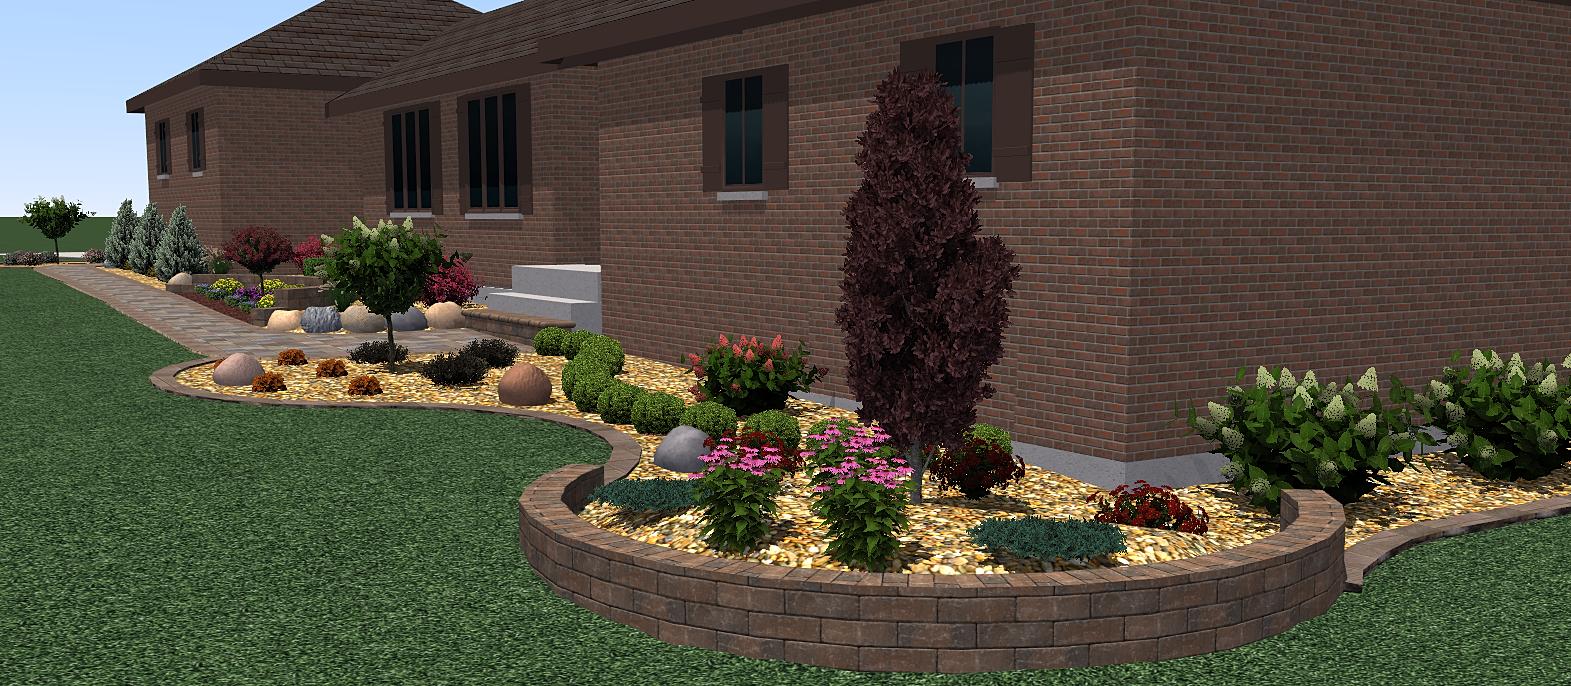 landscaping near me tek landscape design inc 219 576. Black Bedroom Furniture Sets. Home Design Ideas